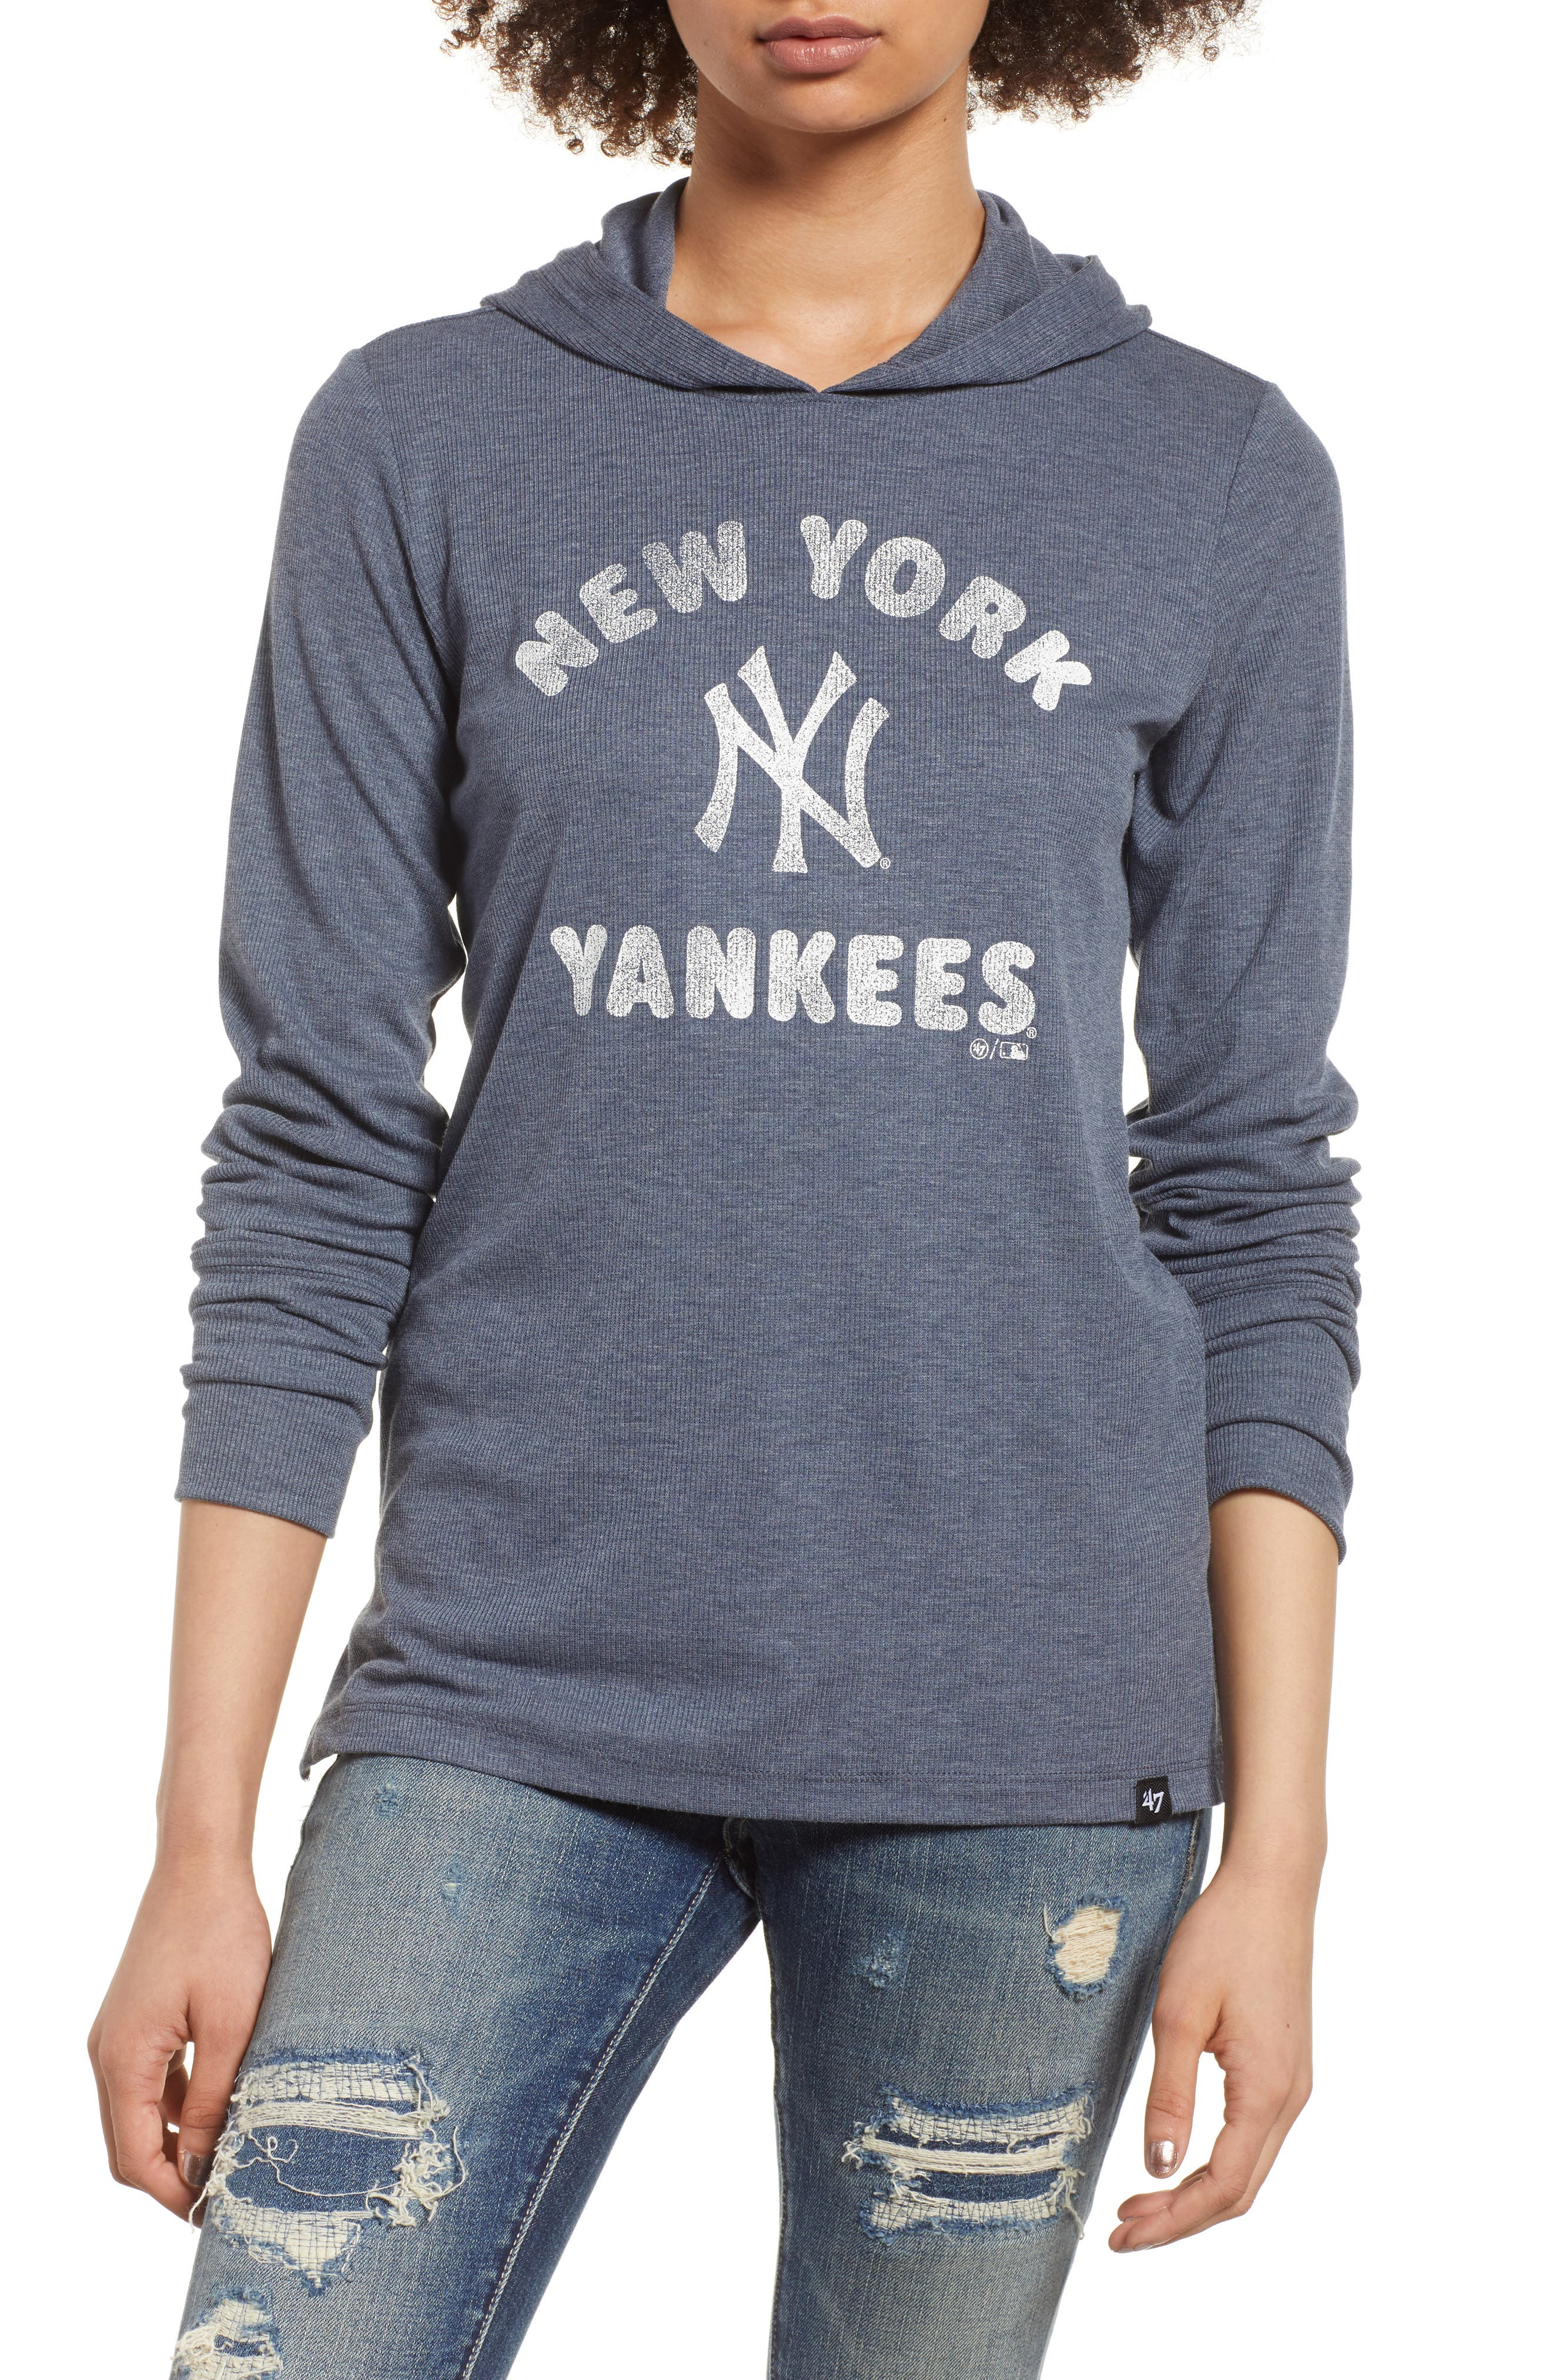 Campbell New York Yankees Rib Knit Hooded Top,                             Main thumbnail 1, color,                             020